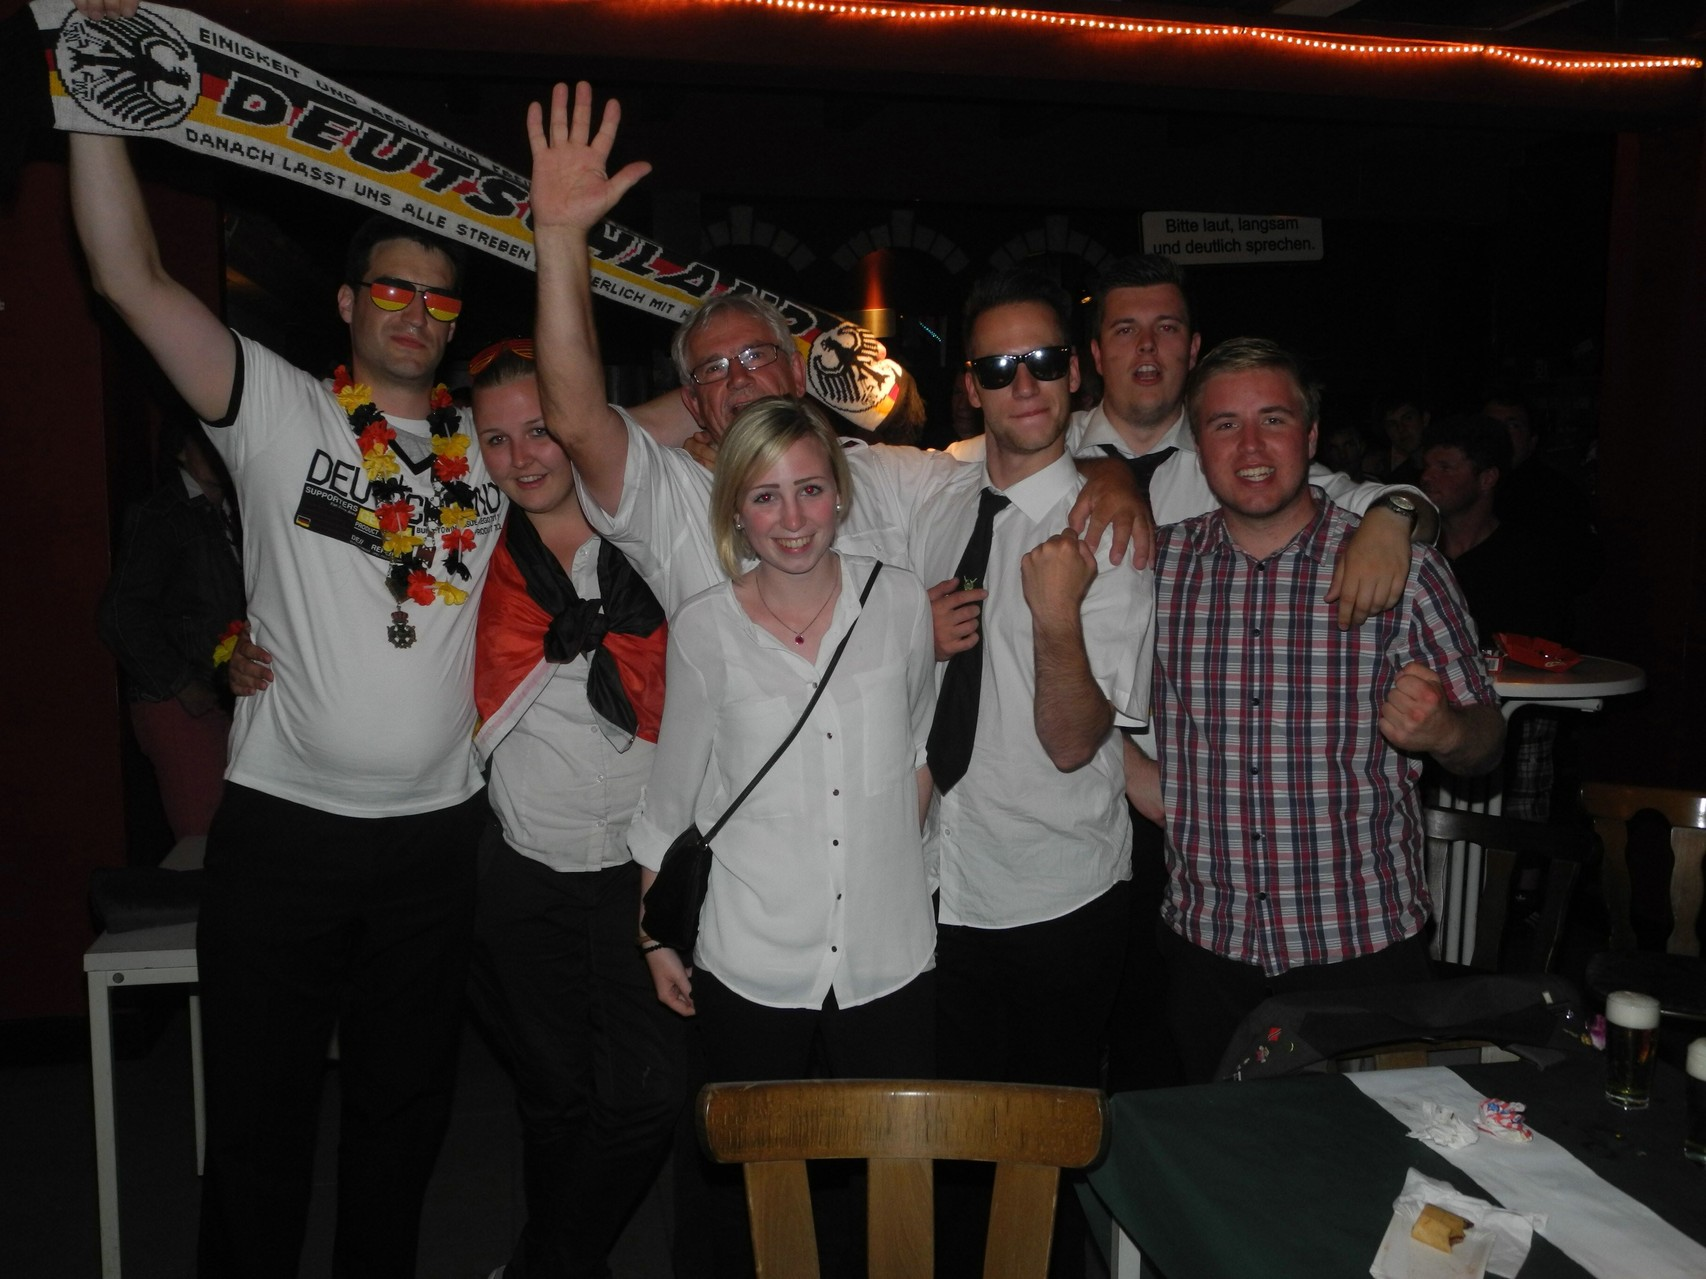 Alle Beteiligten wollten gerne einen WM-Sieg feiern